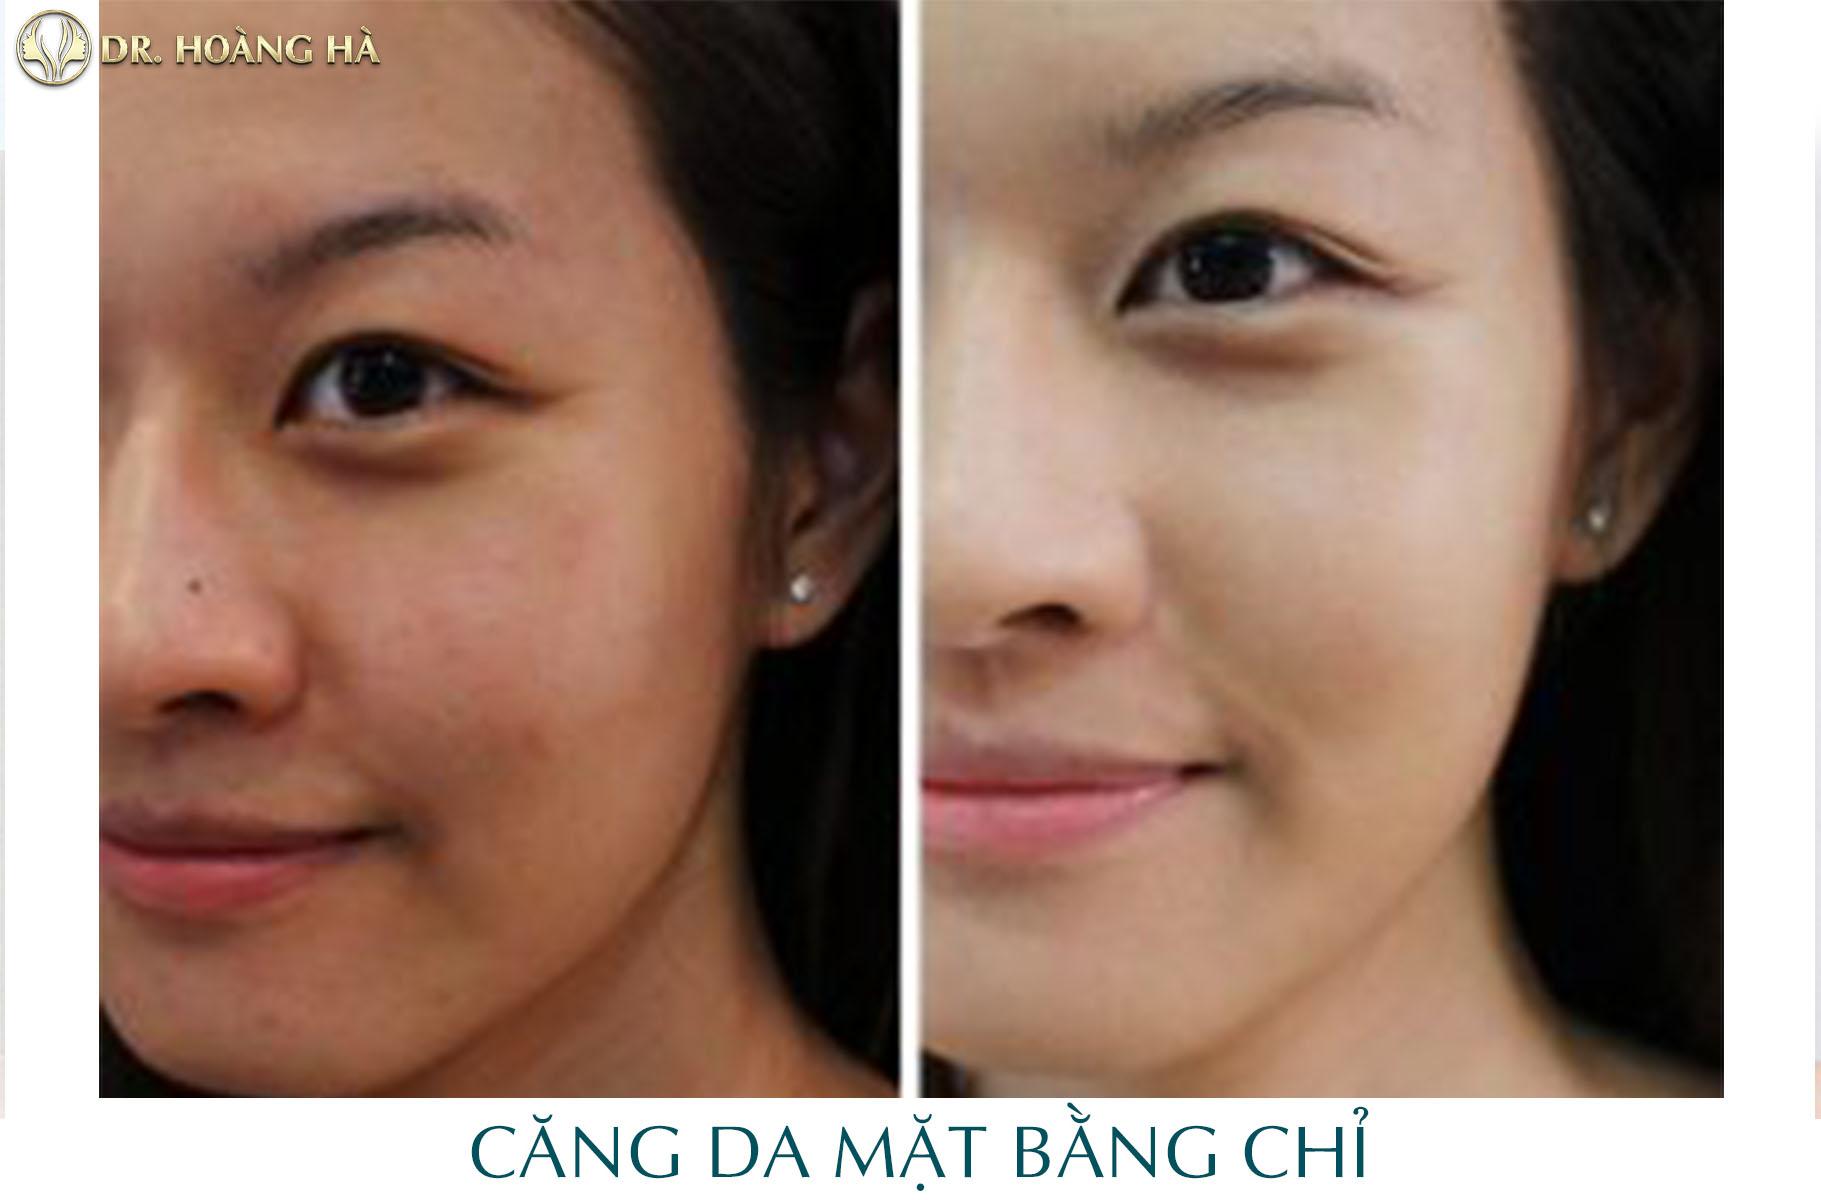 Khách hàng sau khi căng da mặt bằng chỉ collagen tại Dr Hoàng Hà